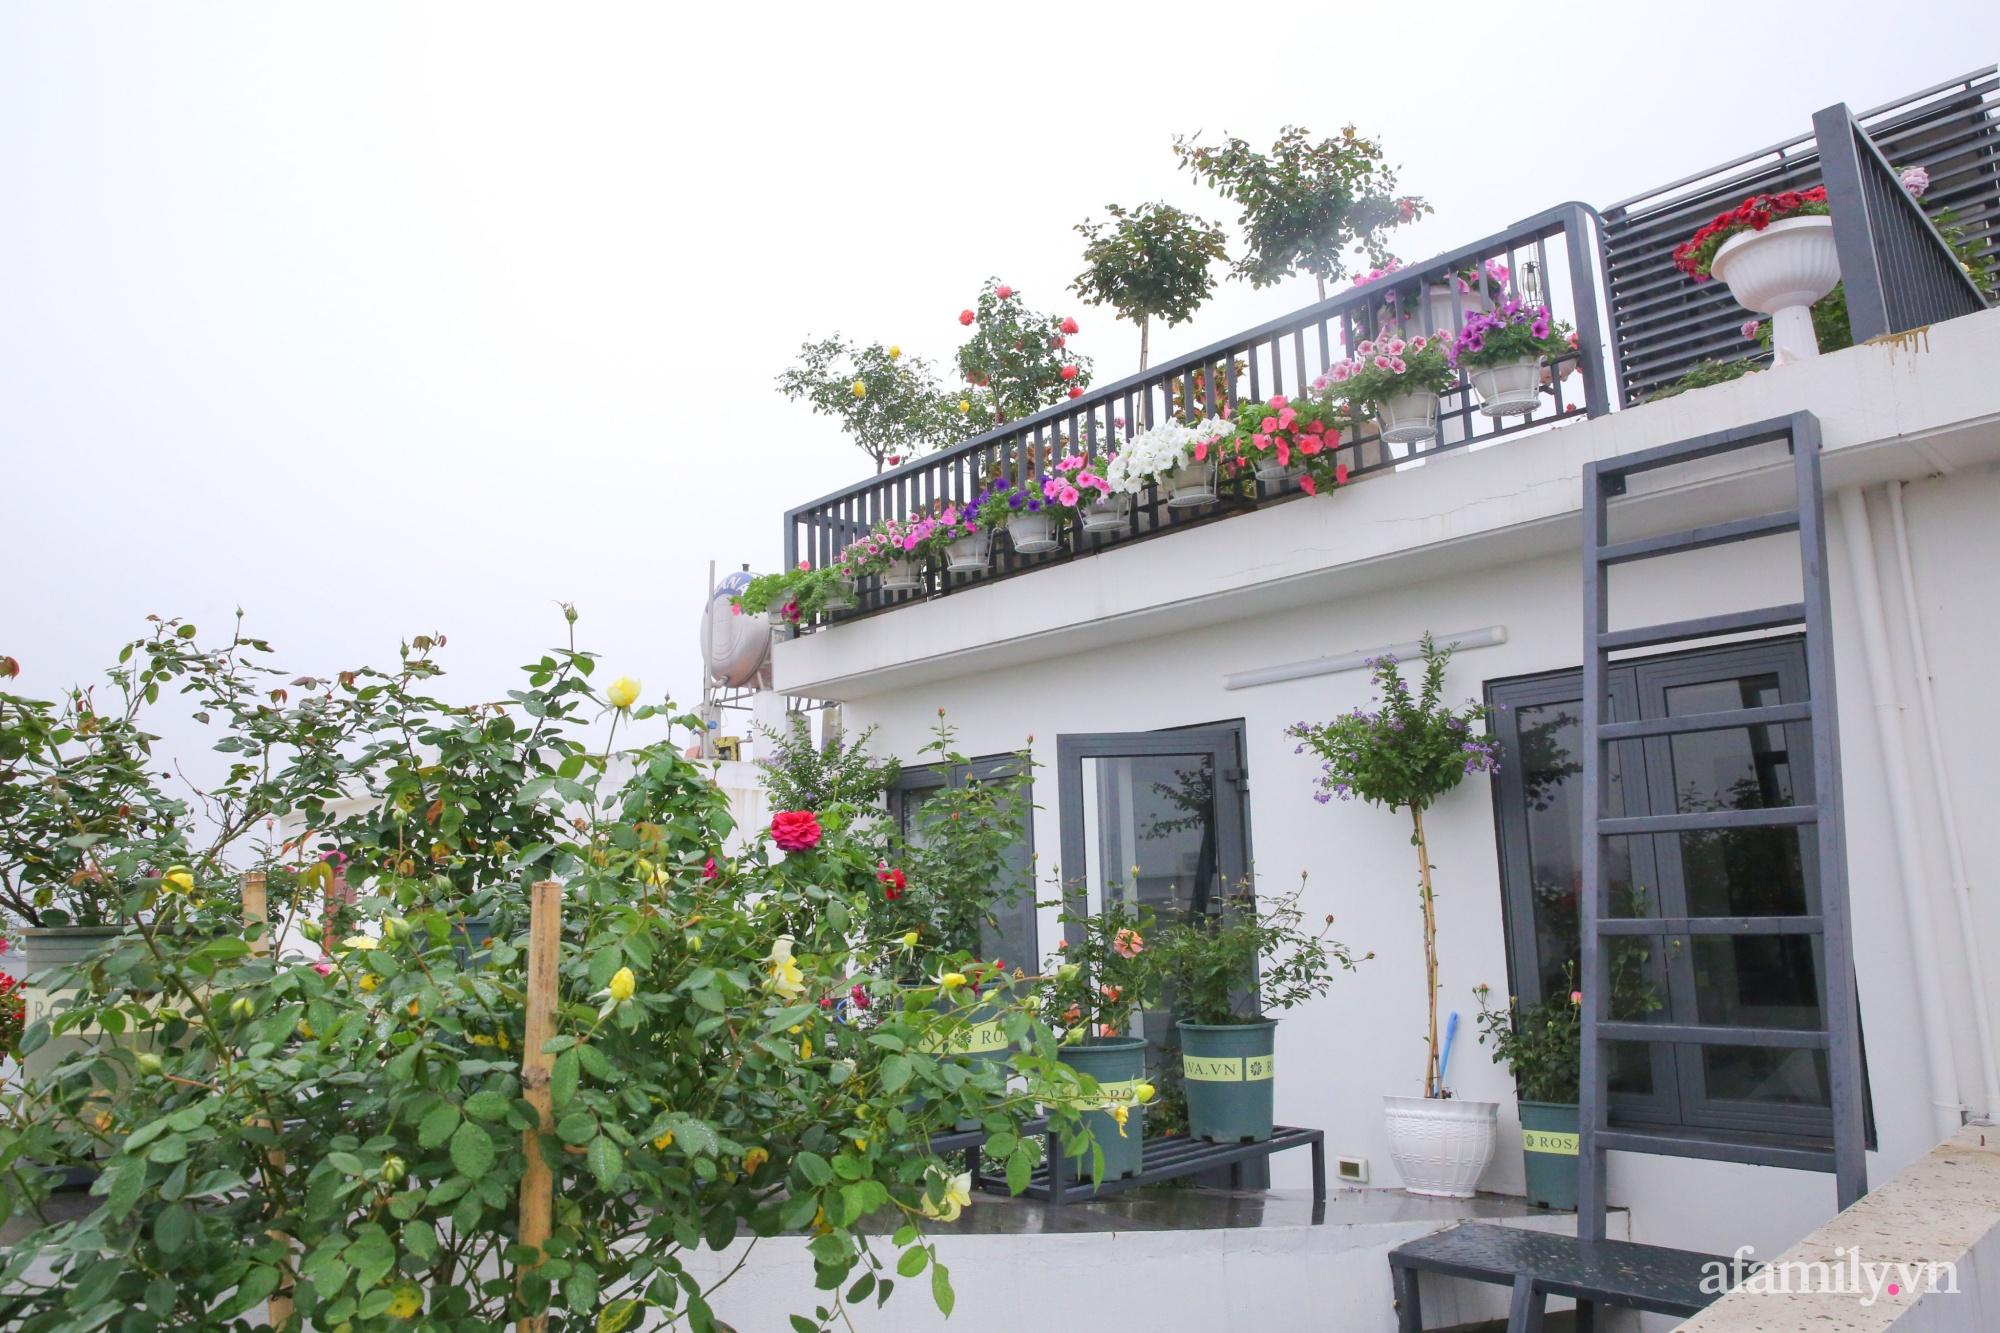 Kinh nghiệm trồng dạ yến thảo nở rực rỡ đủ sắc màu phủ kín mặt tiền nhà phố Hà Nội - Ảnh 14.